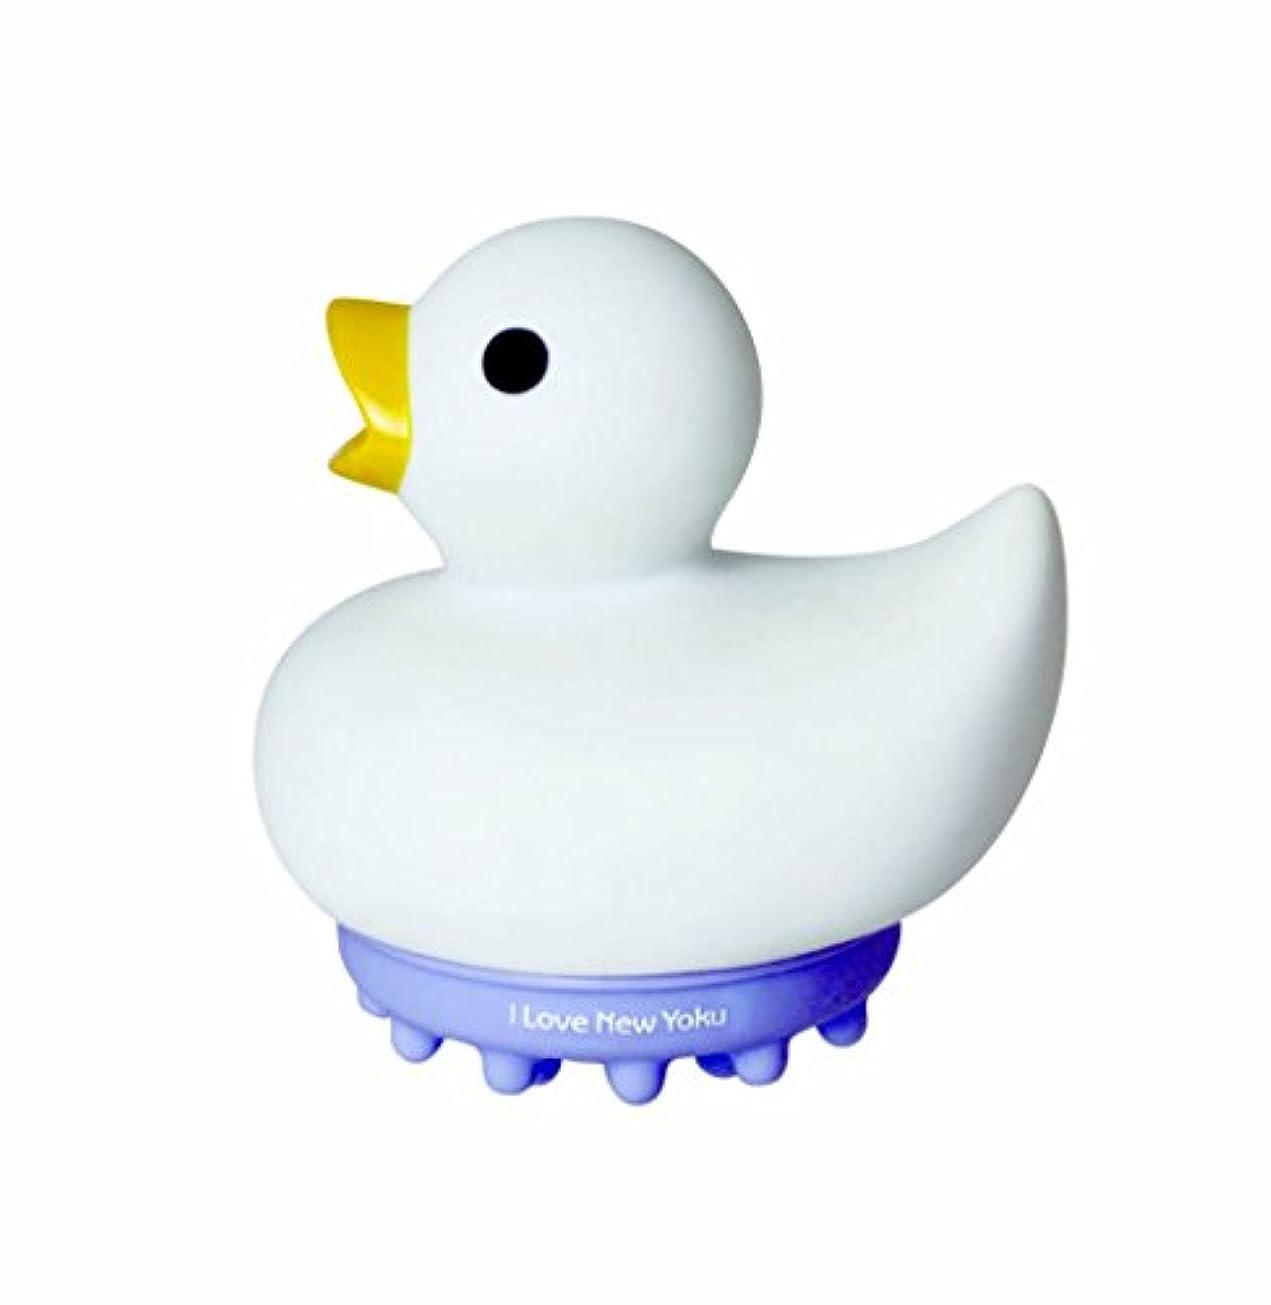 真実民族主義三duck Relaxer White